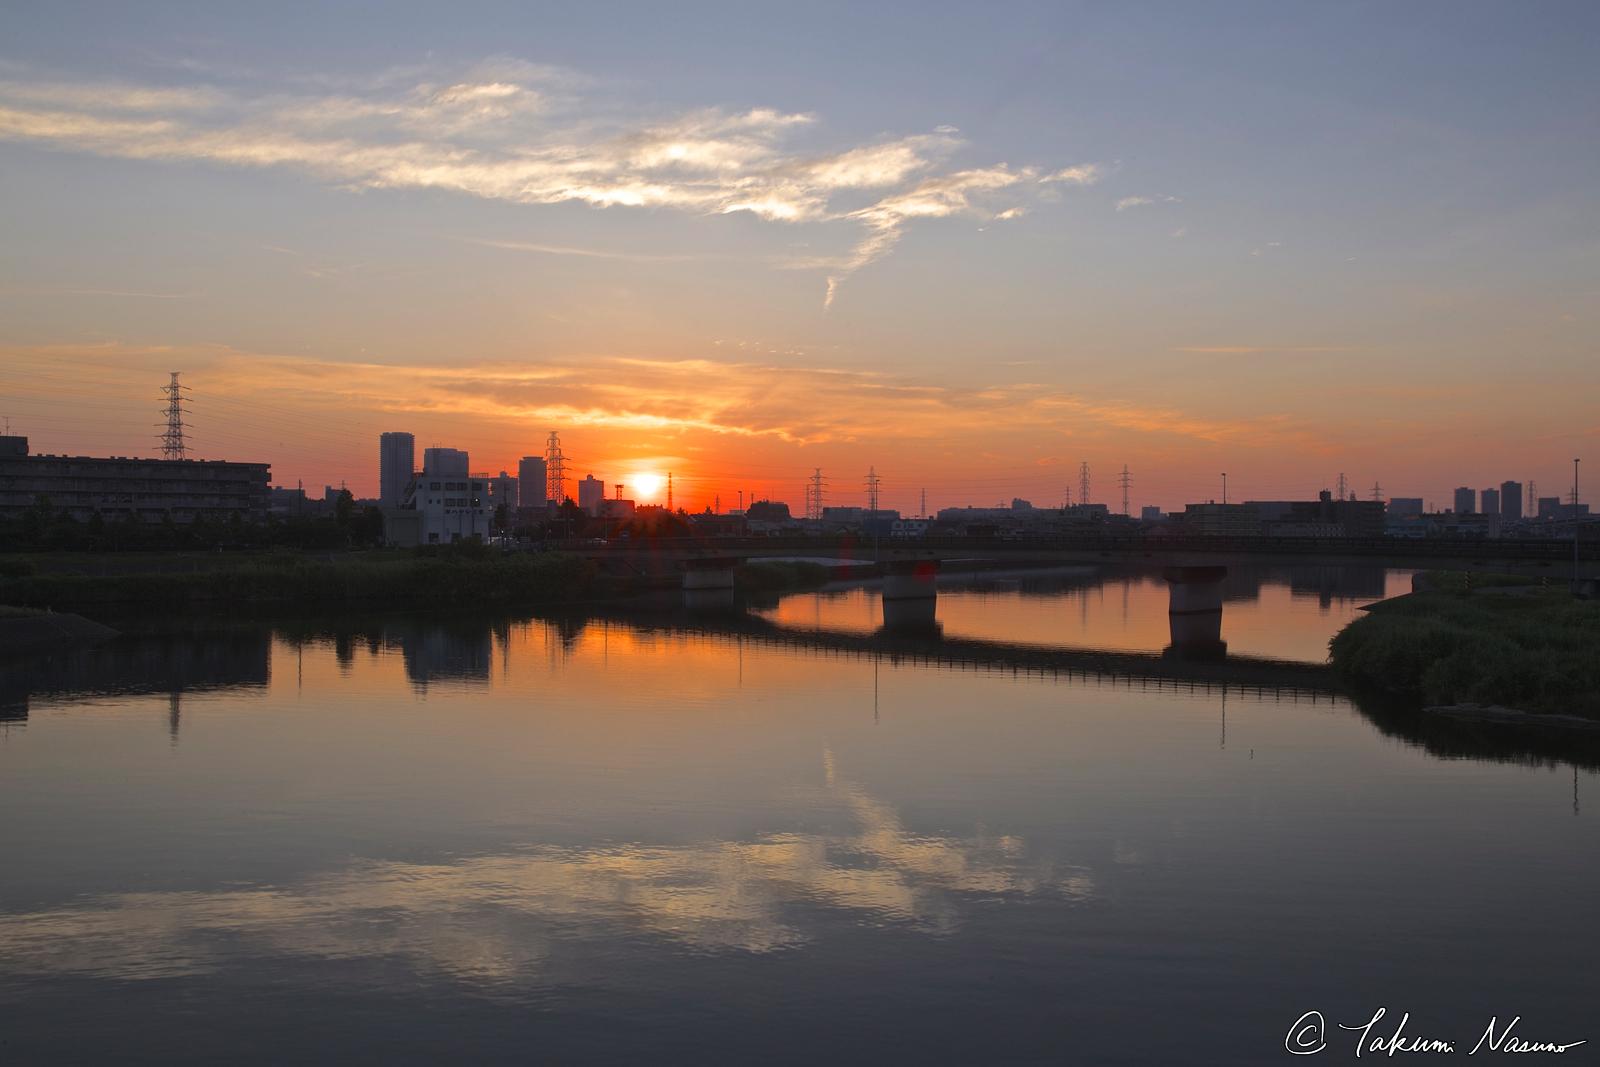 Tsurumi_Tsurumi-River_w09